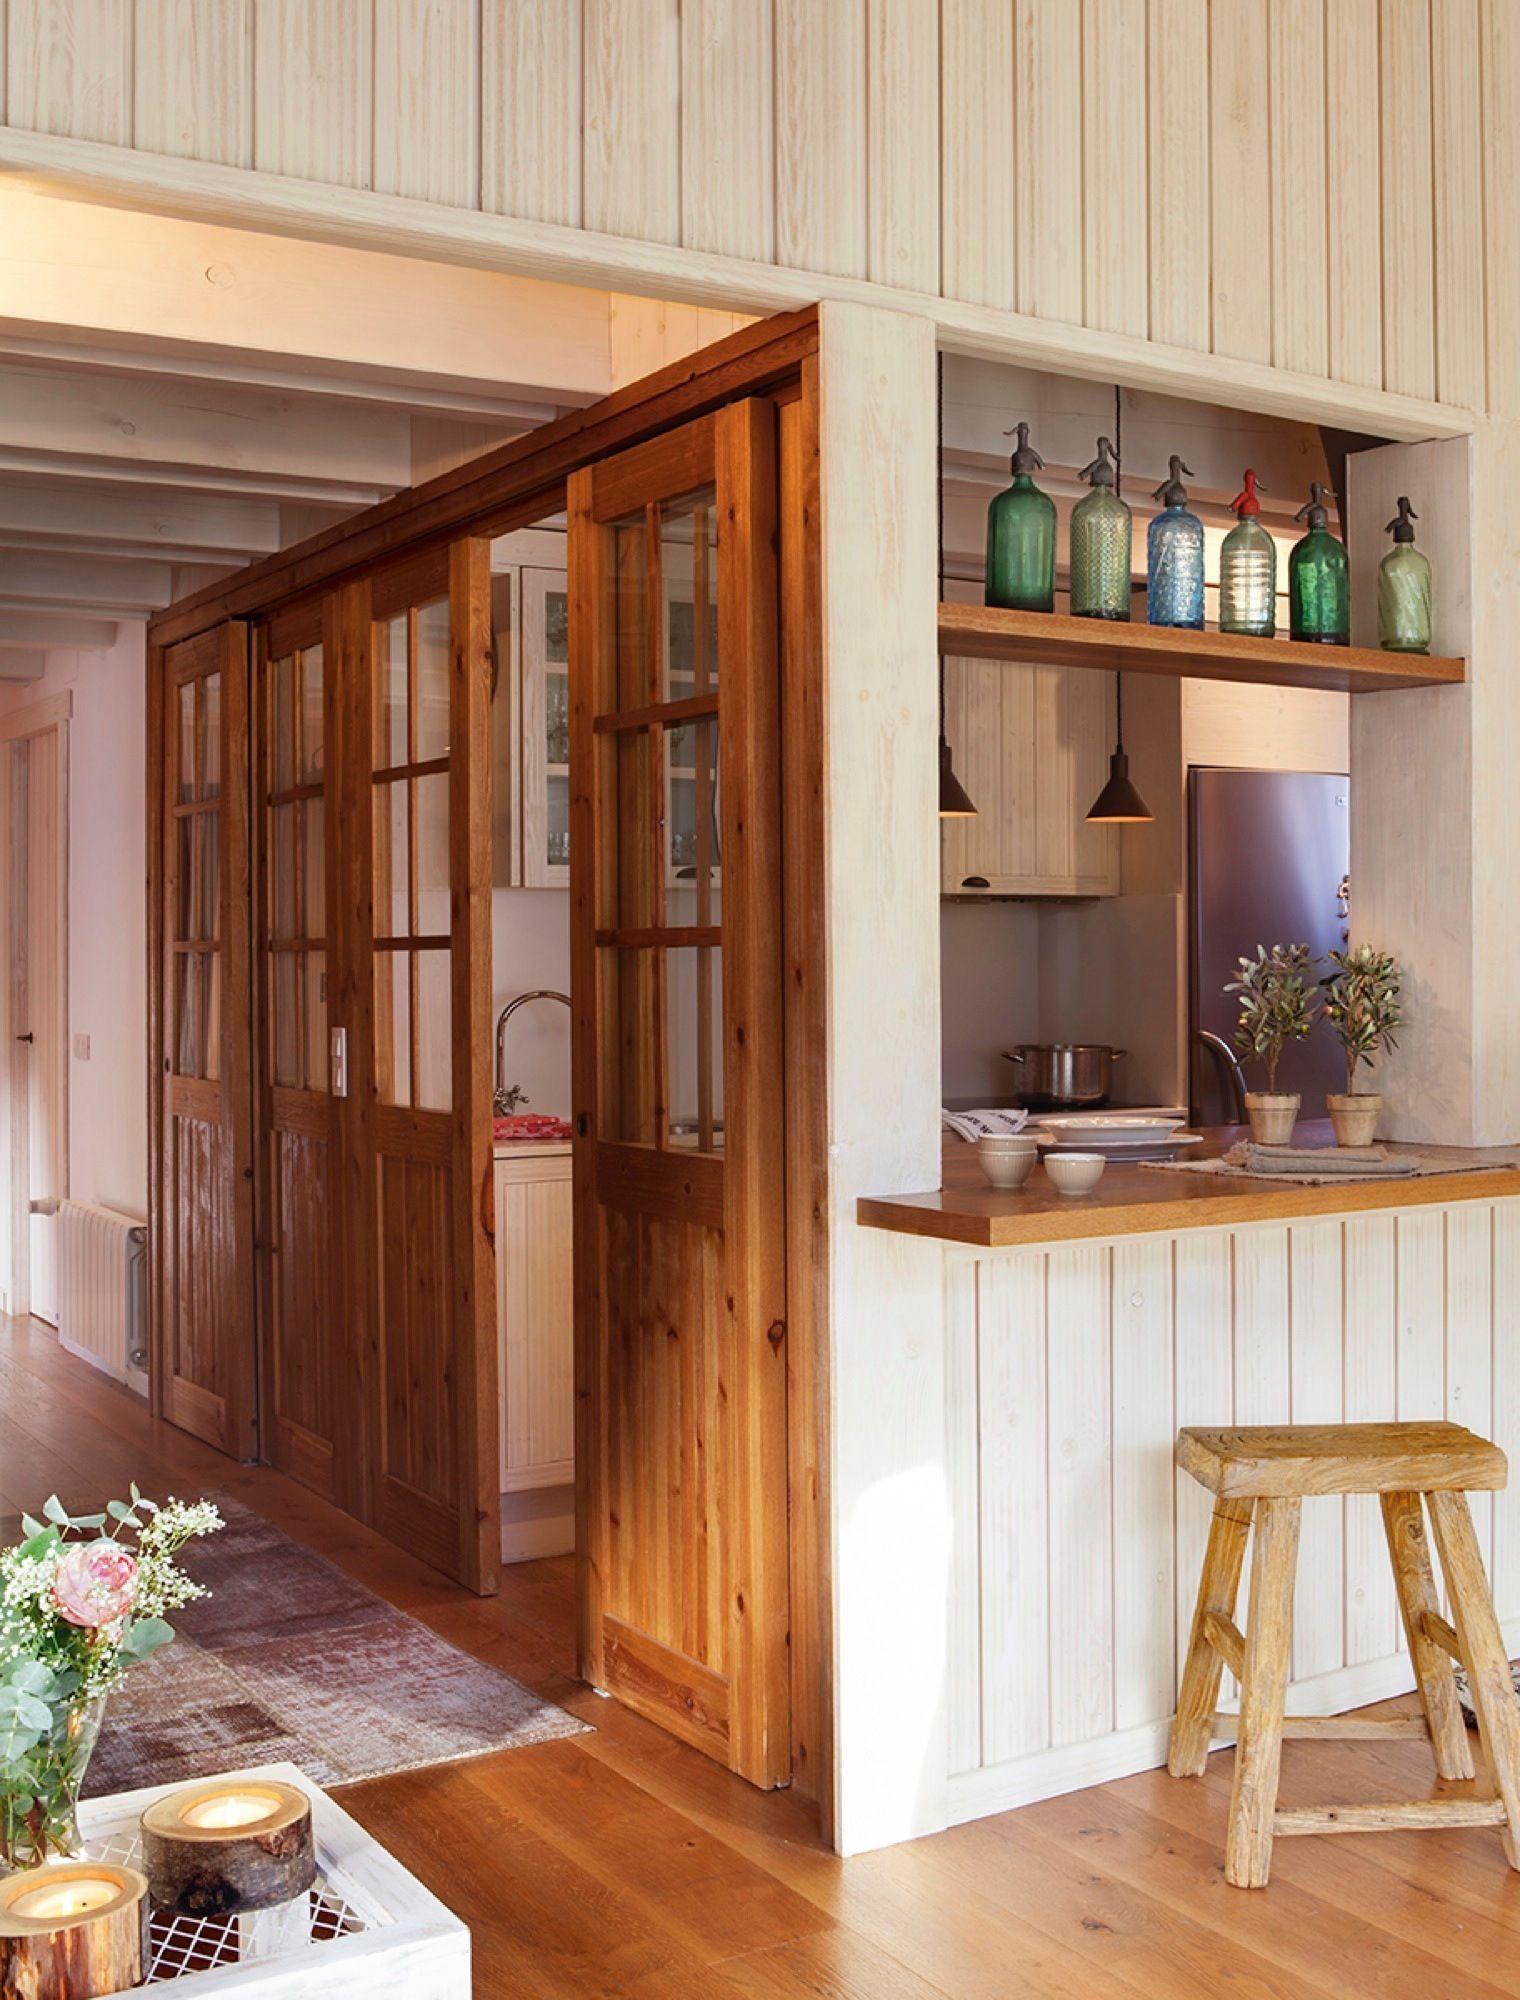 Cocina semiabierta con paredes correderas de madera - Taburetes de cocina de madera ...